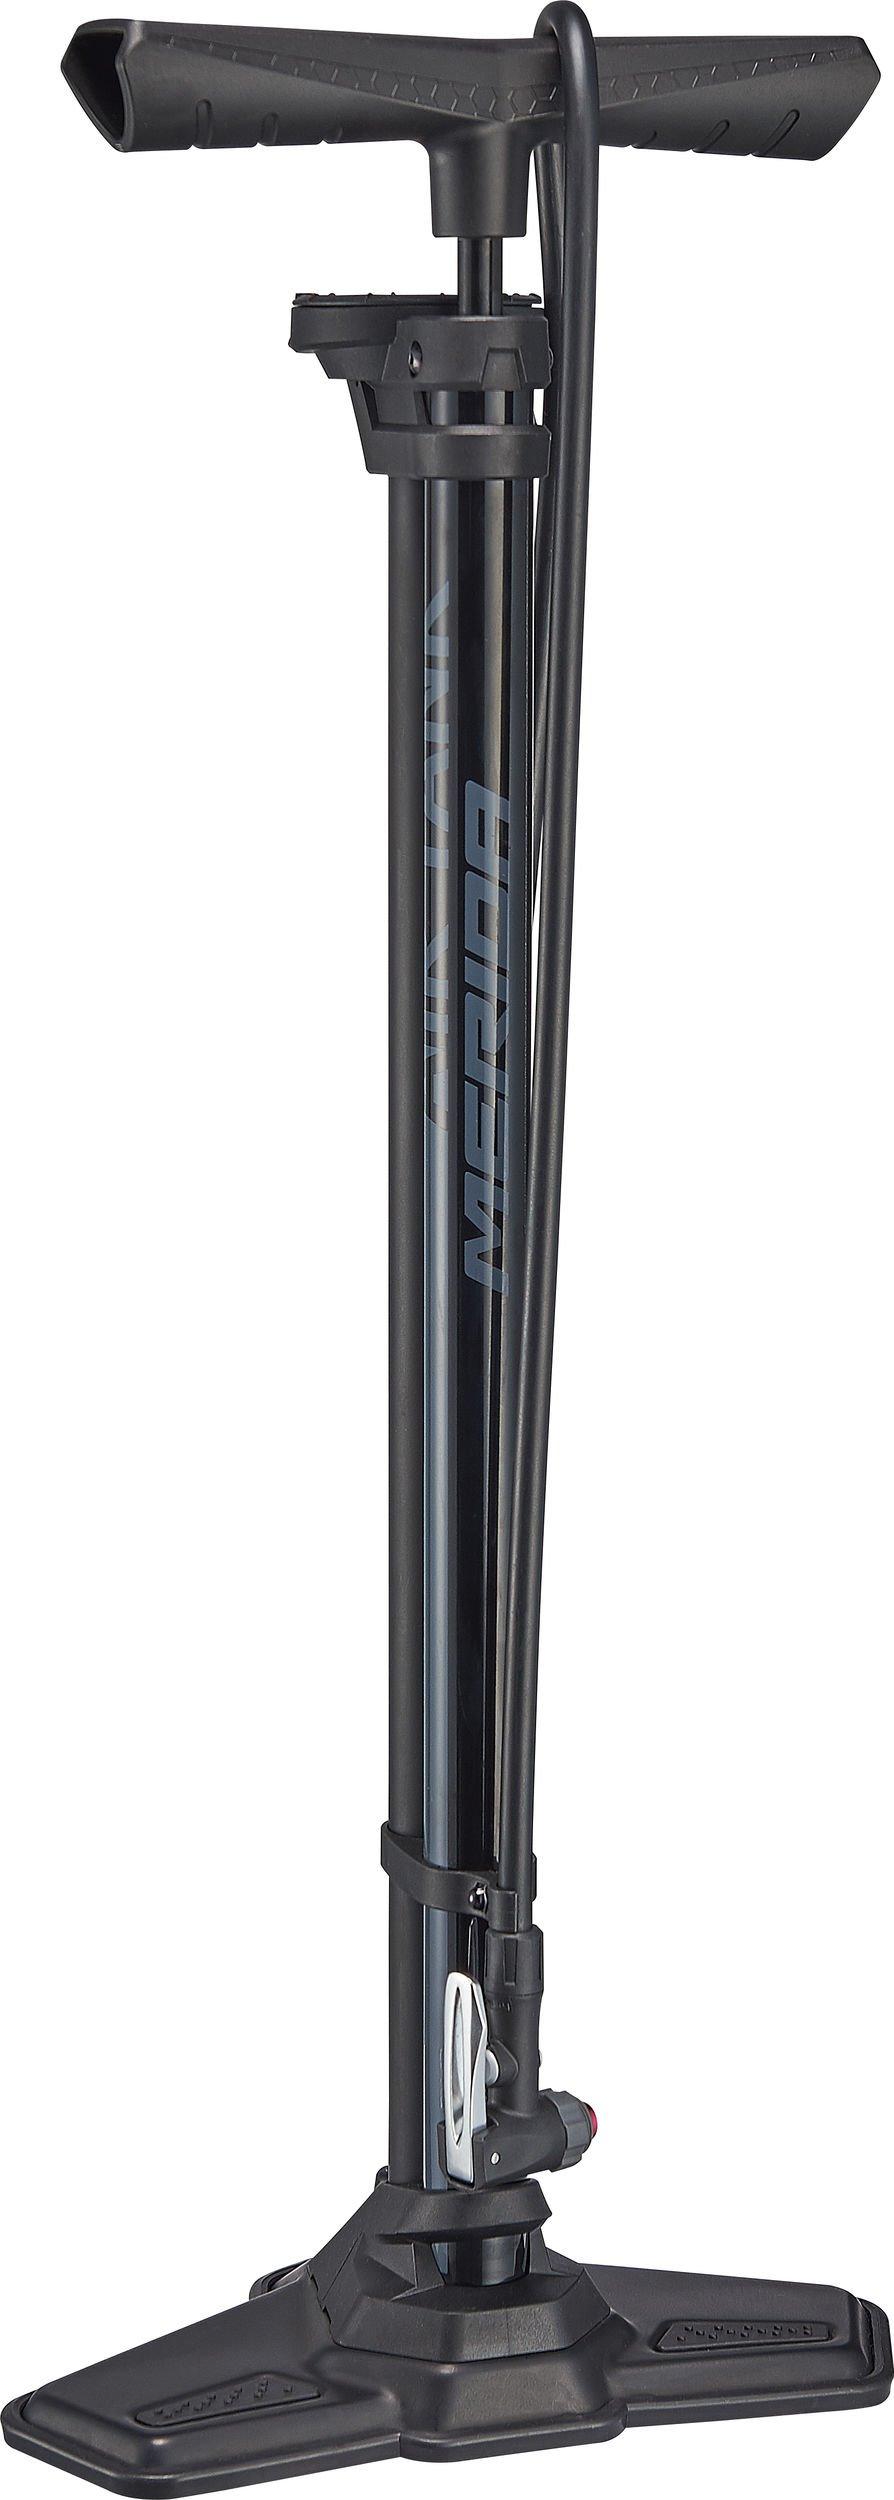 MERIDA - Pumpa velká 720